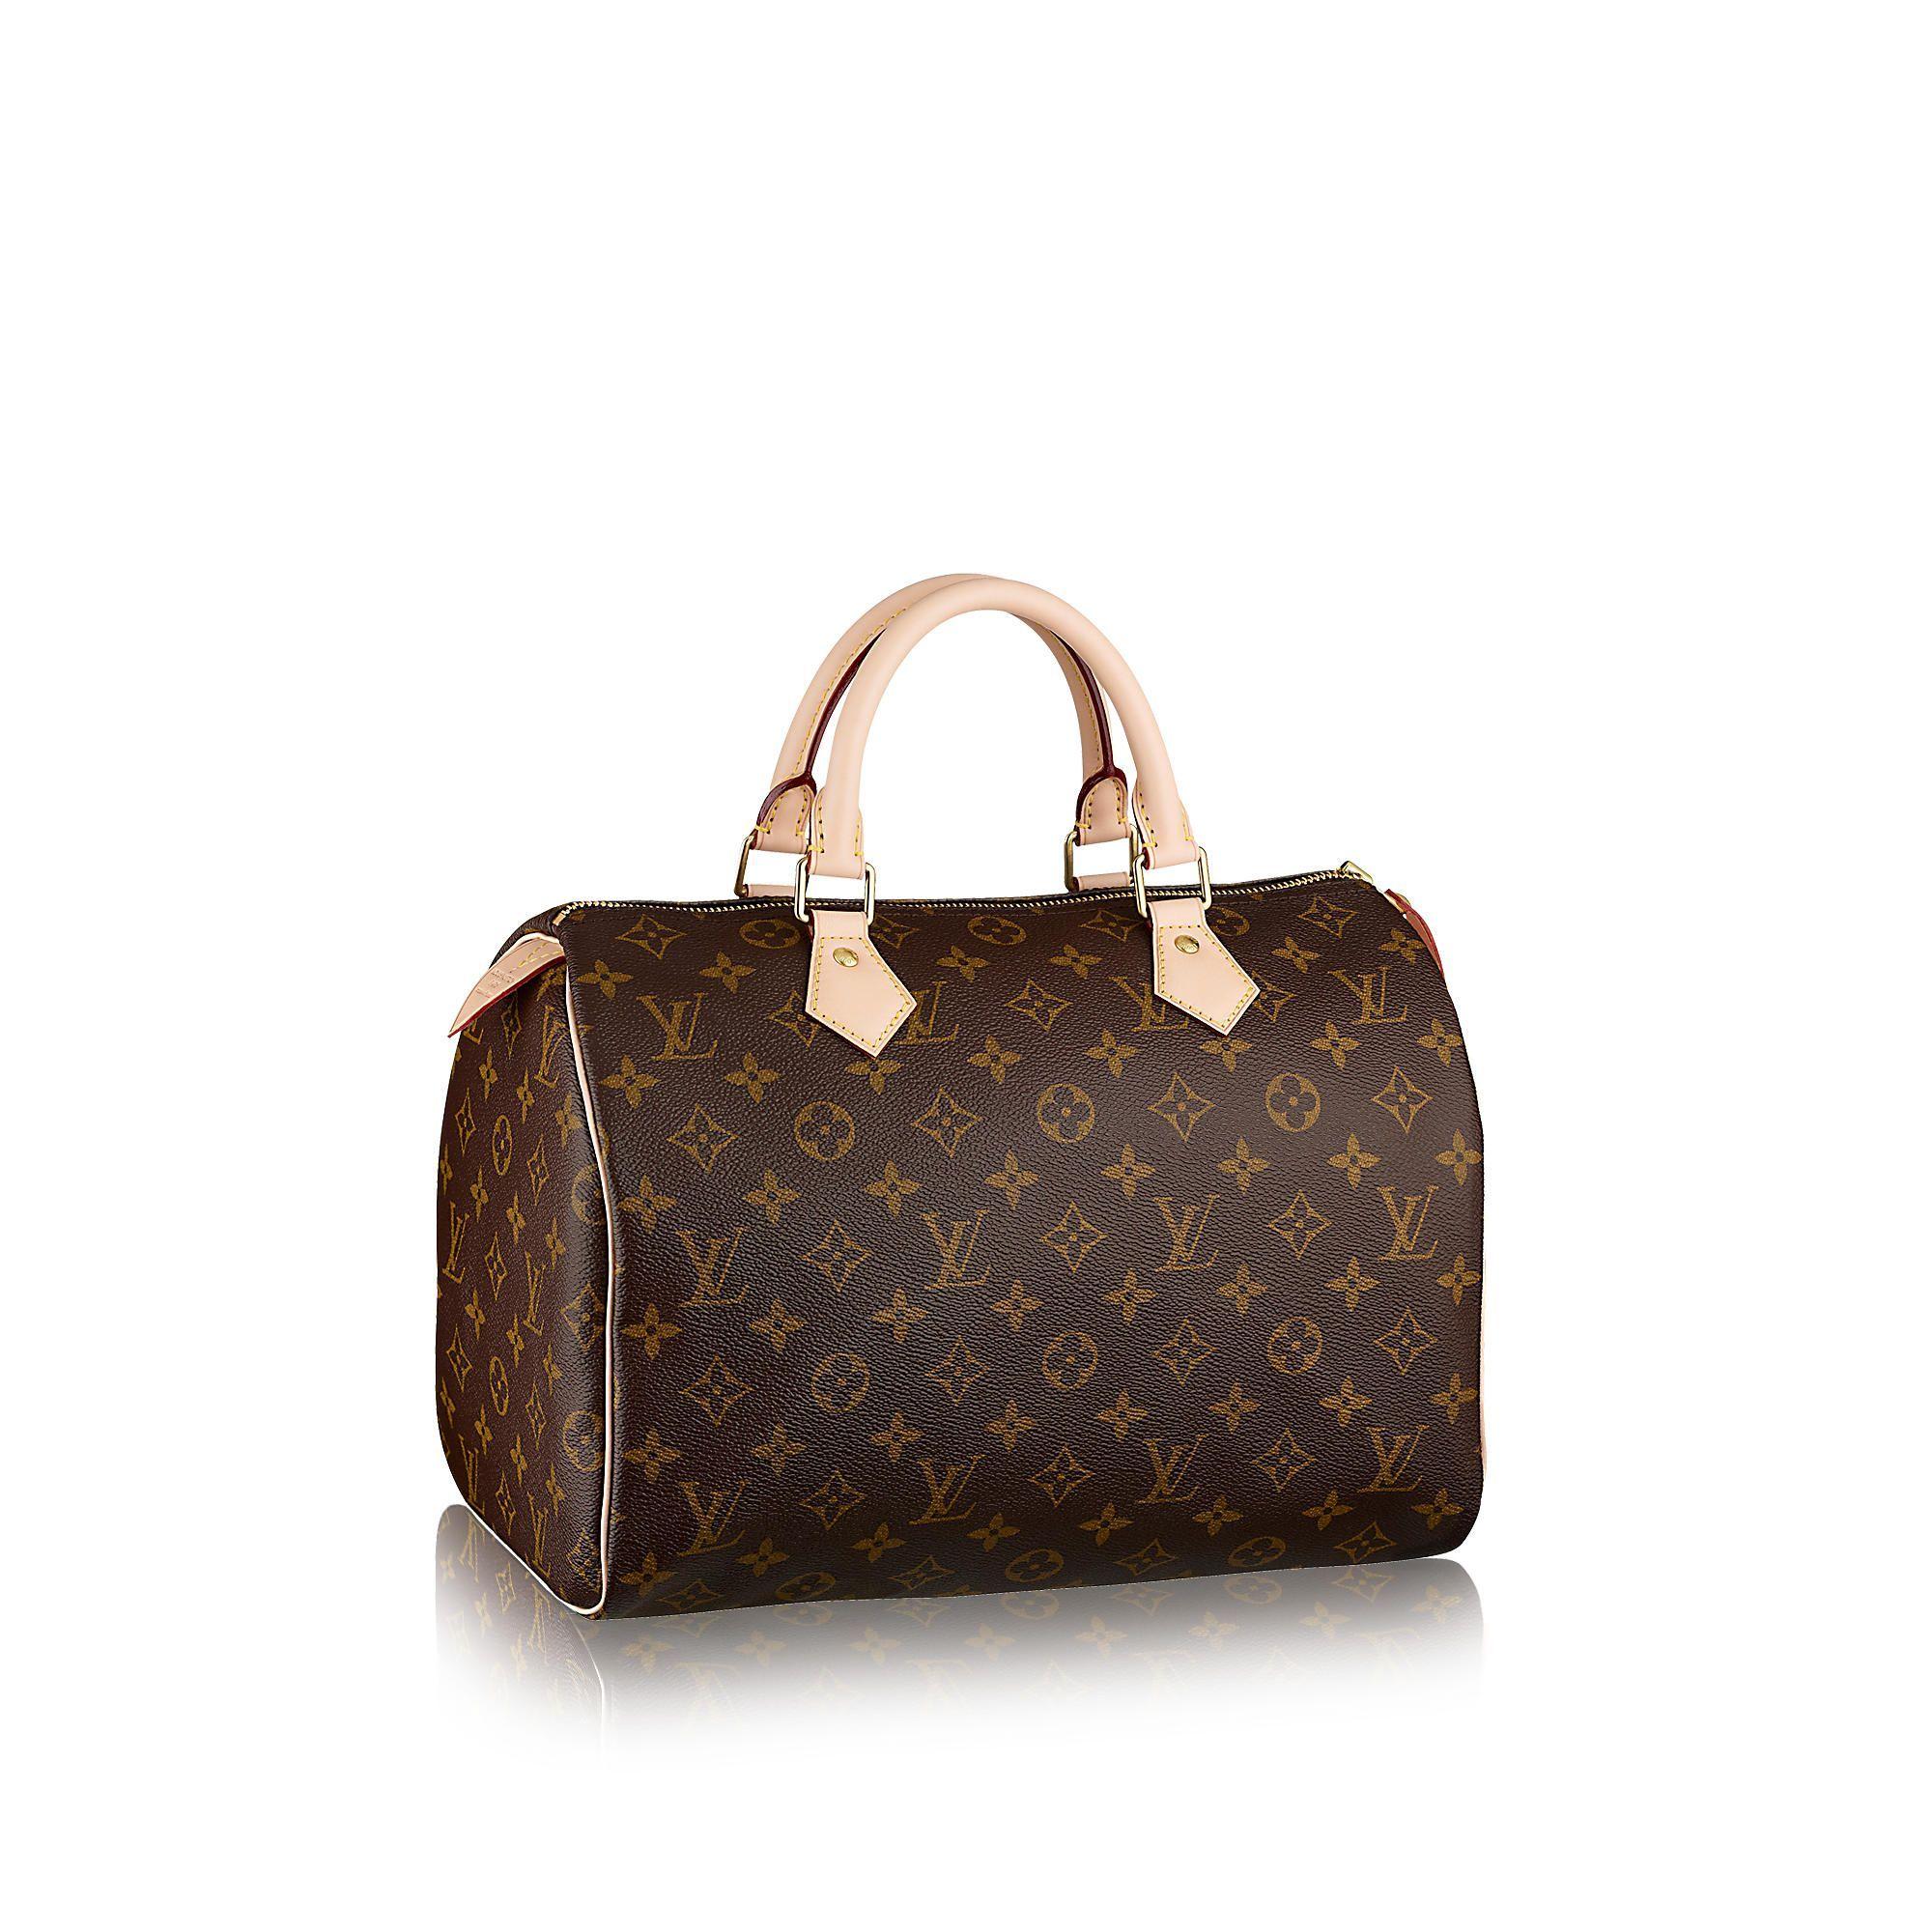 Borsa Louis Vuitton Modello Sdy Fantasia Monogram